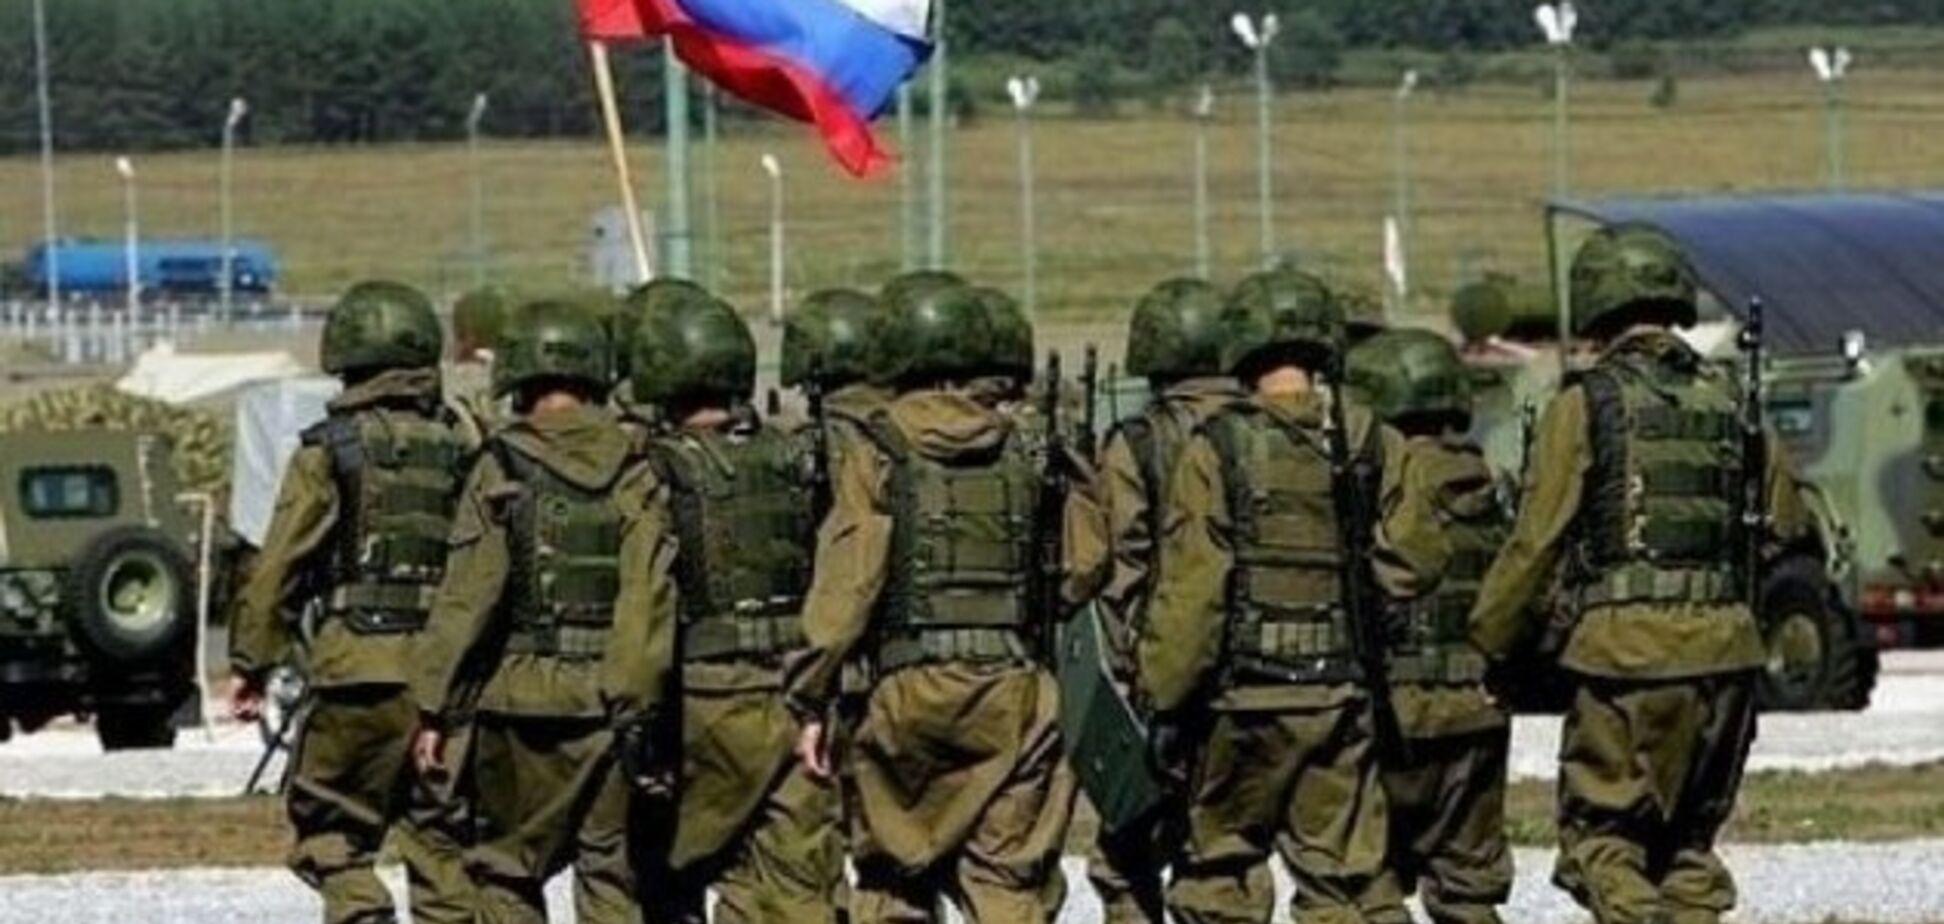 Российские солдаты переходят Днестр: стало известно о новой провокации